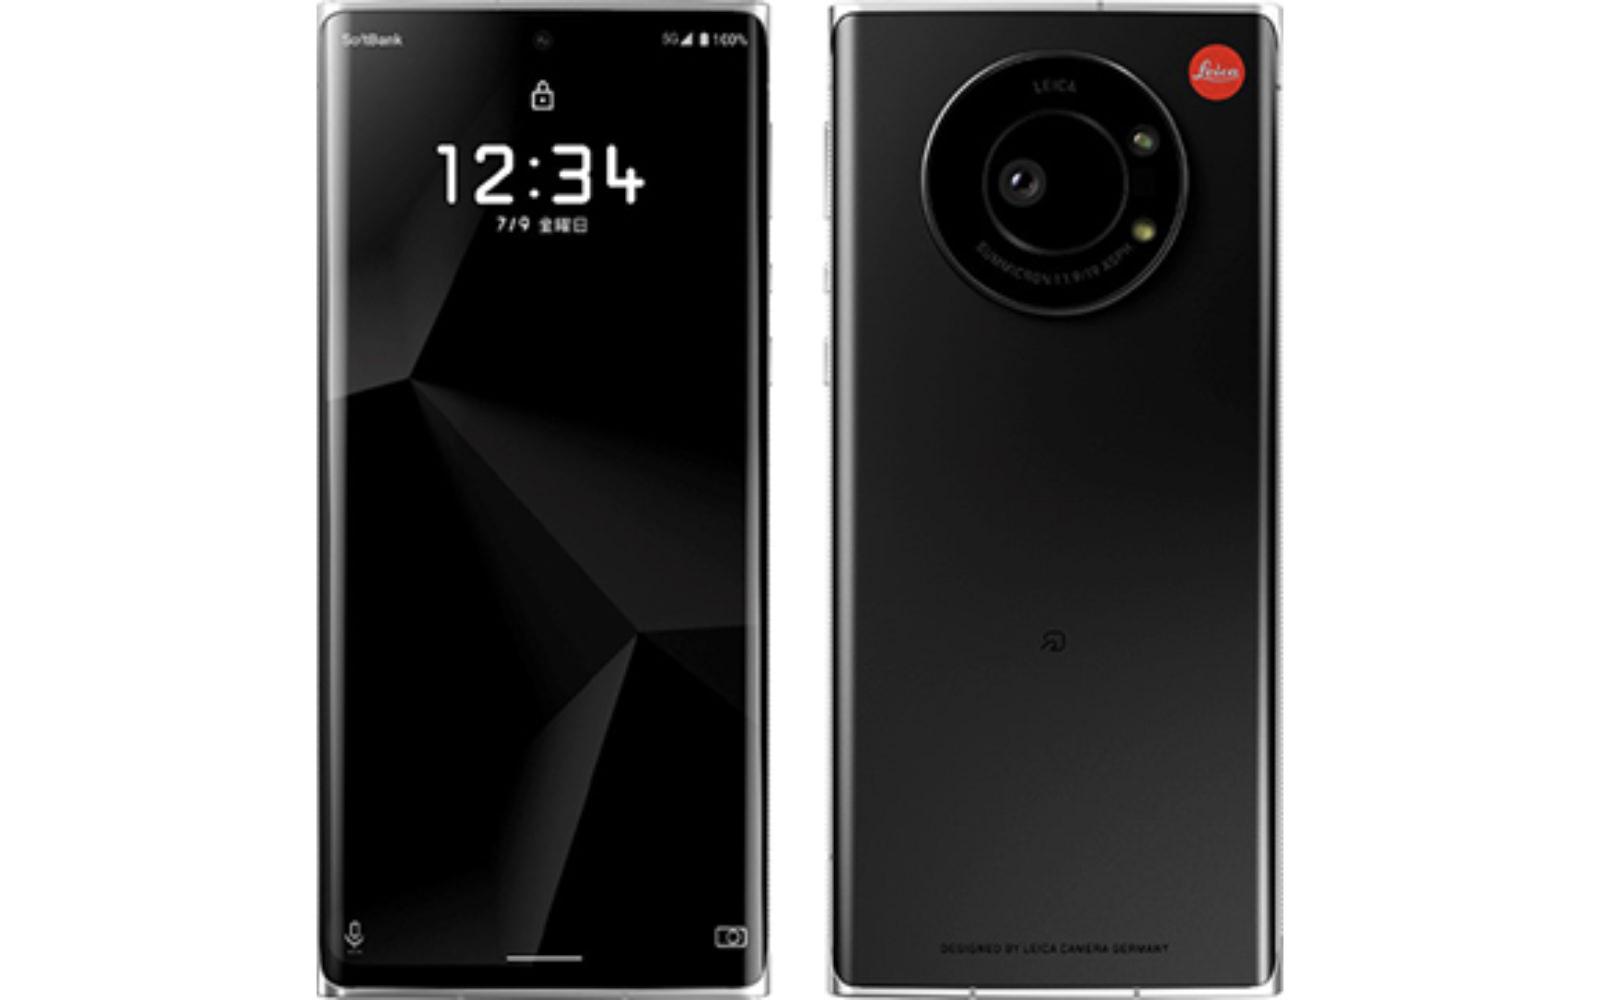 Leica Original Smartphone